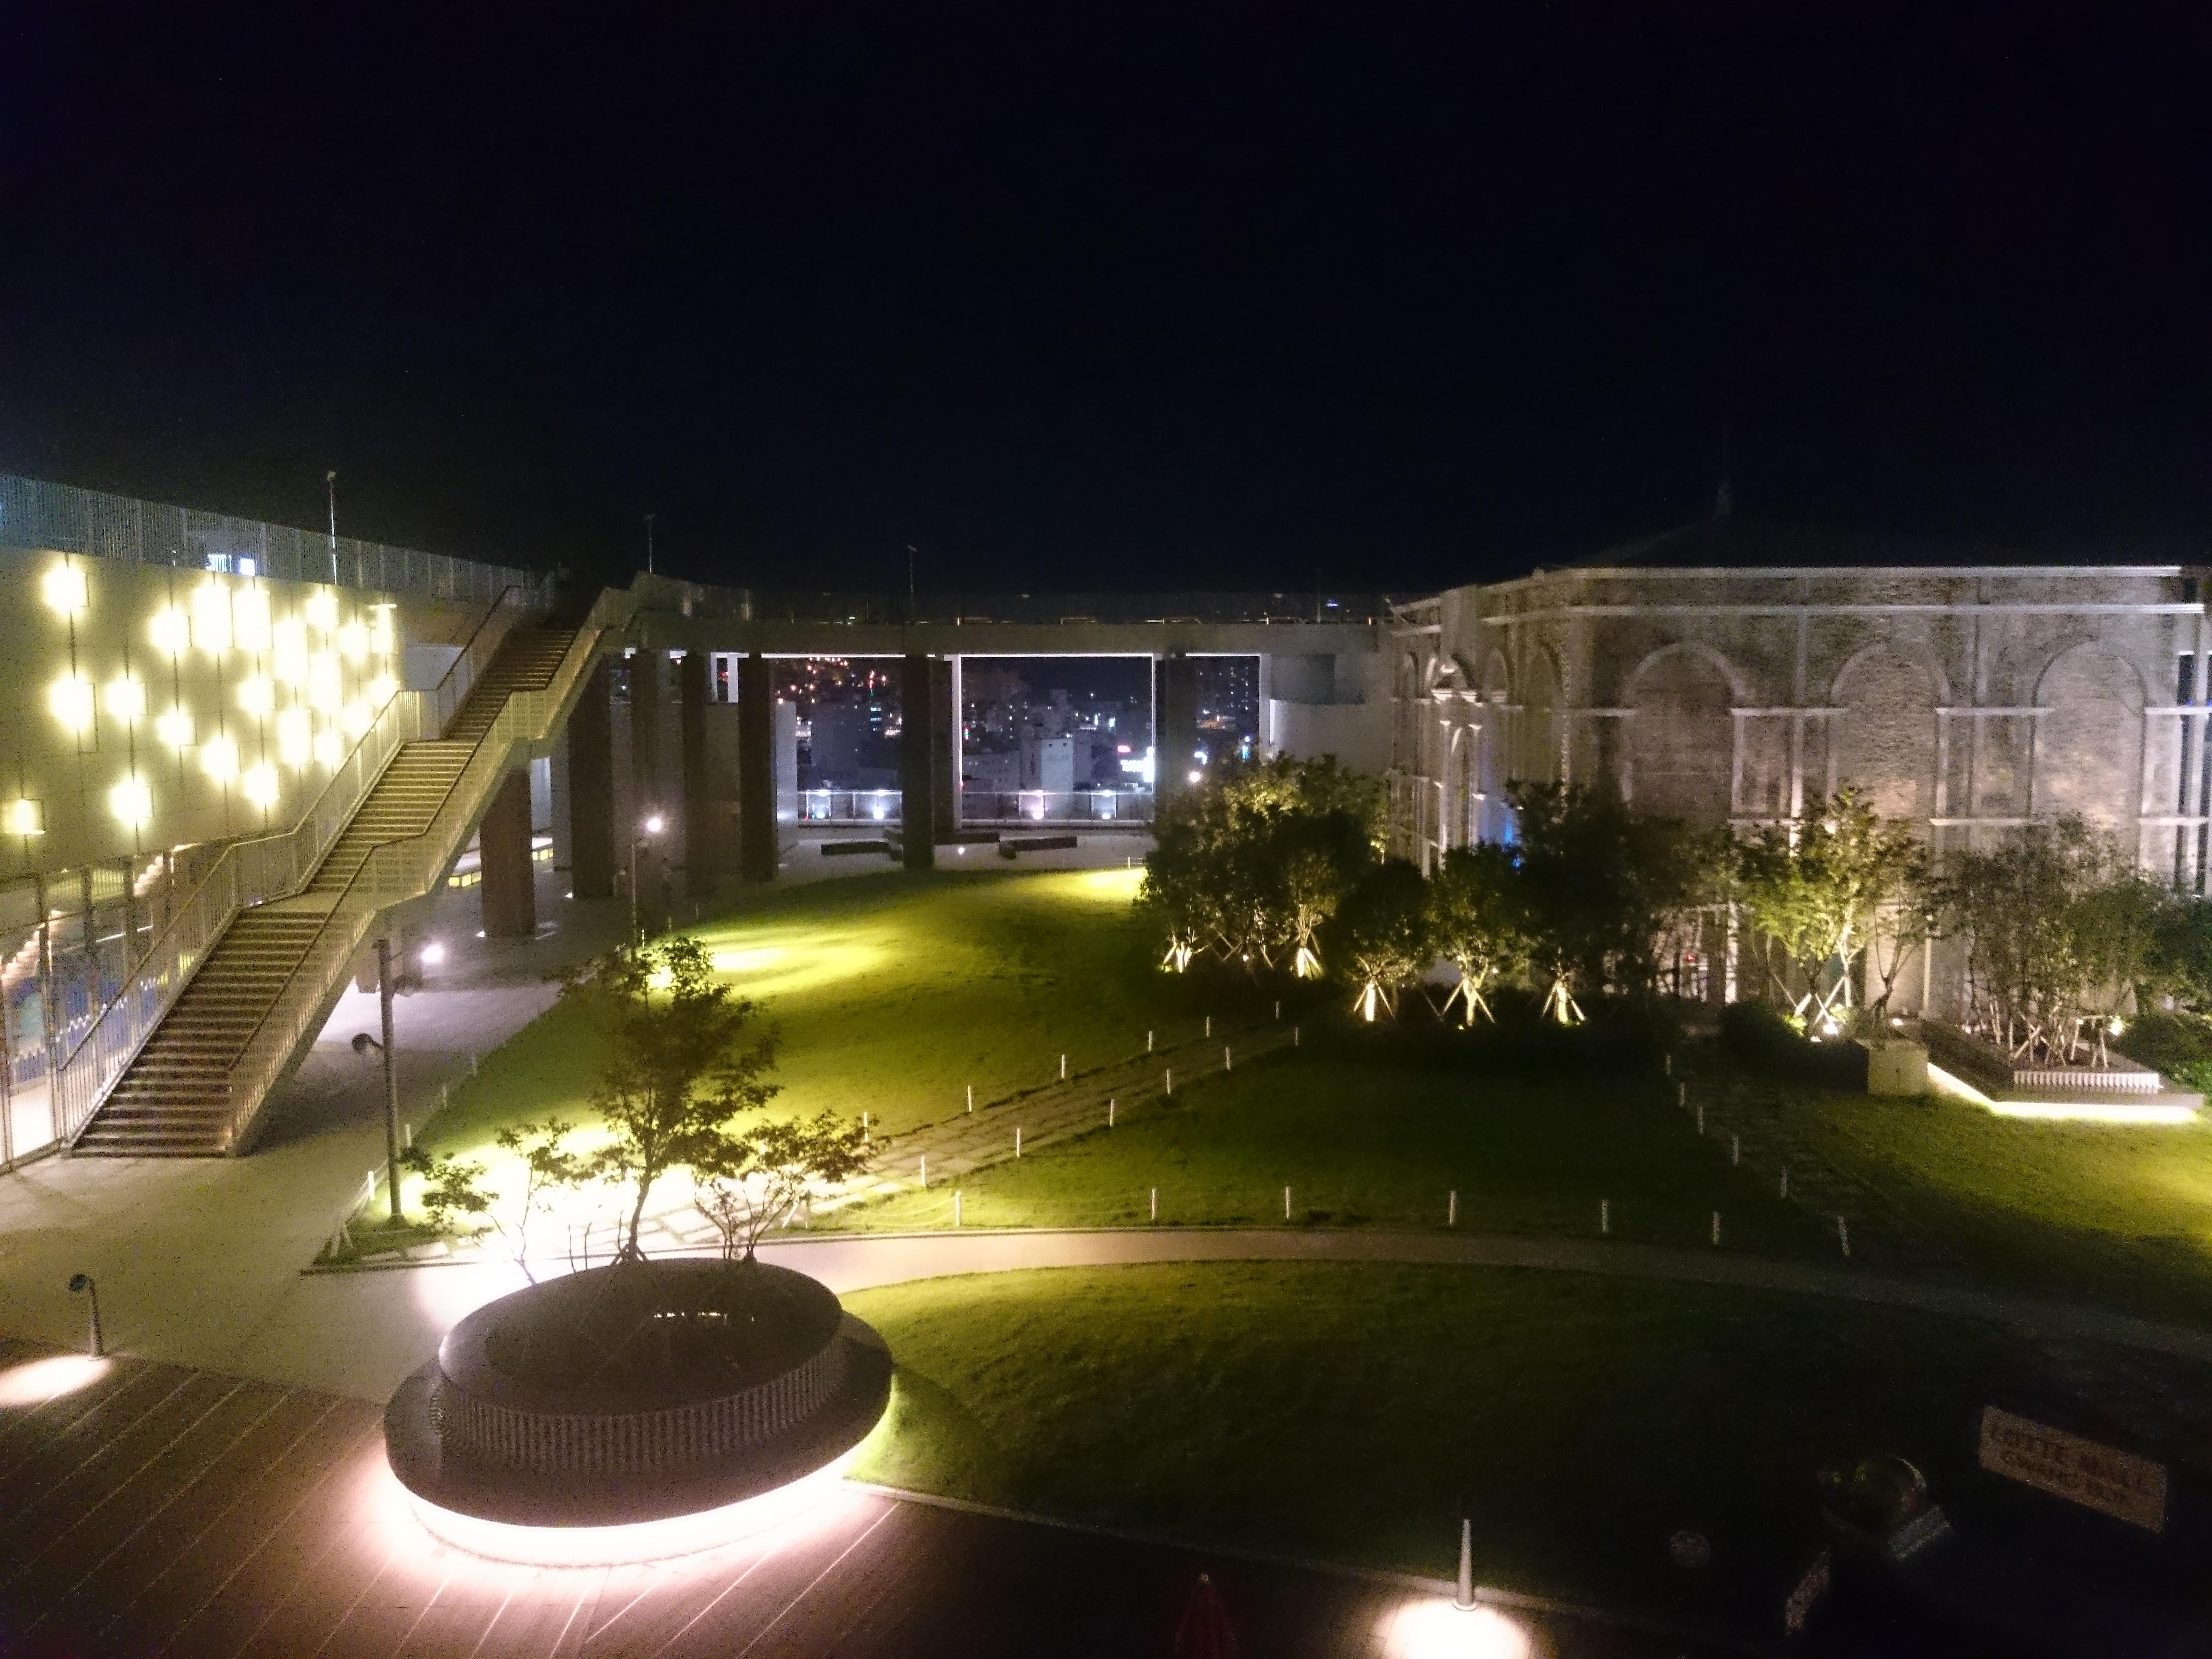 Visão noturna do Sky Garden, no shopping da Lotte em Busan.